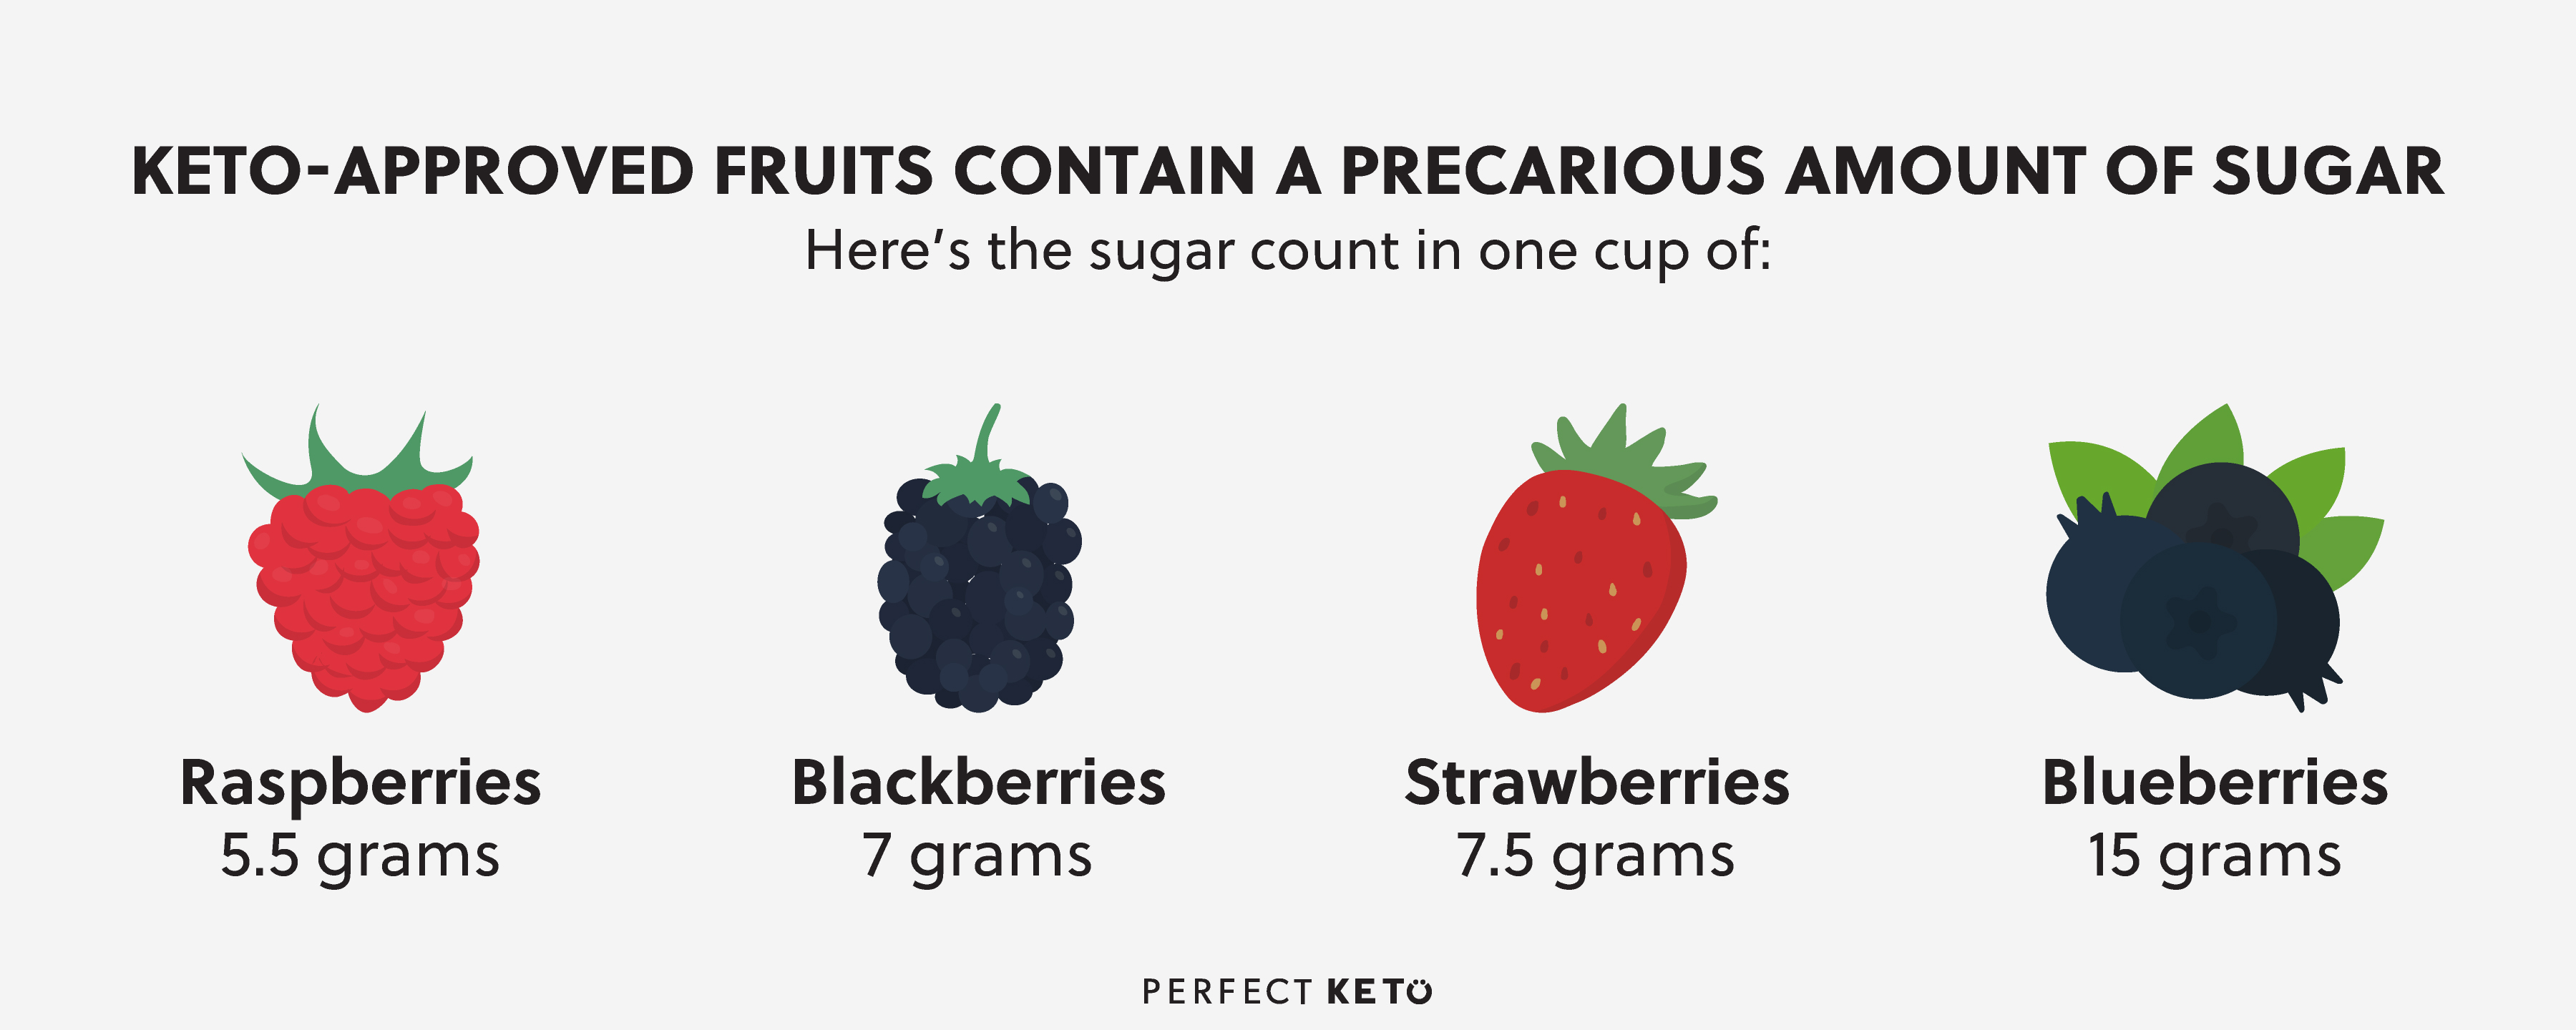 one-cup-fruit-hidden-sugars.jpg